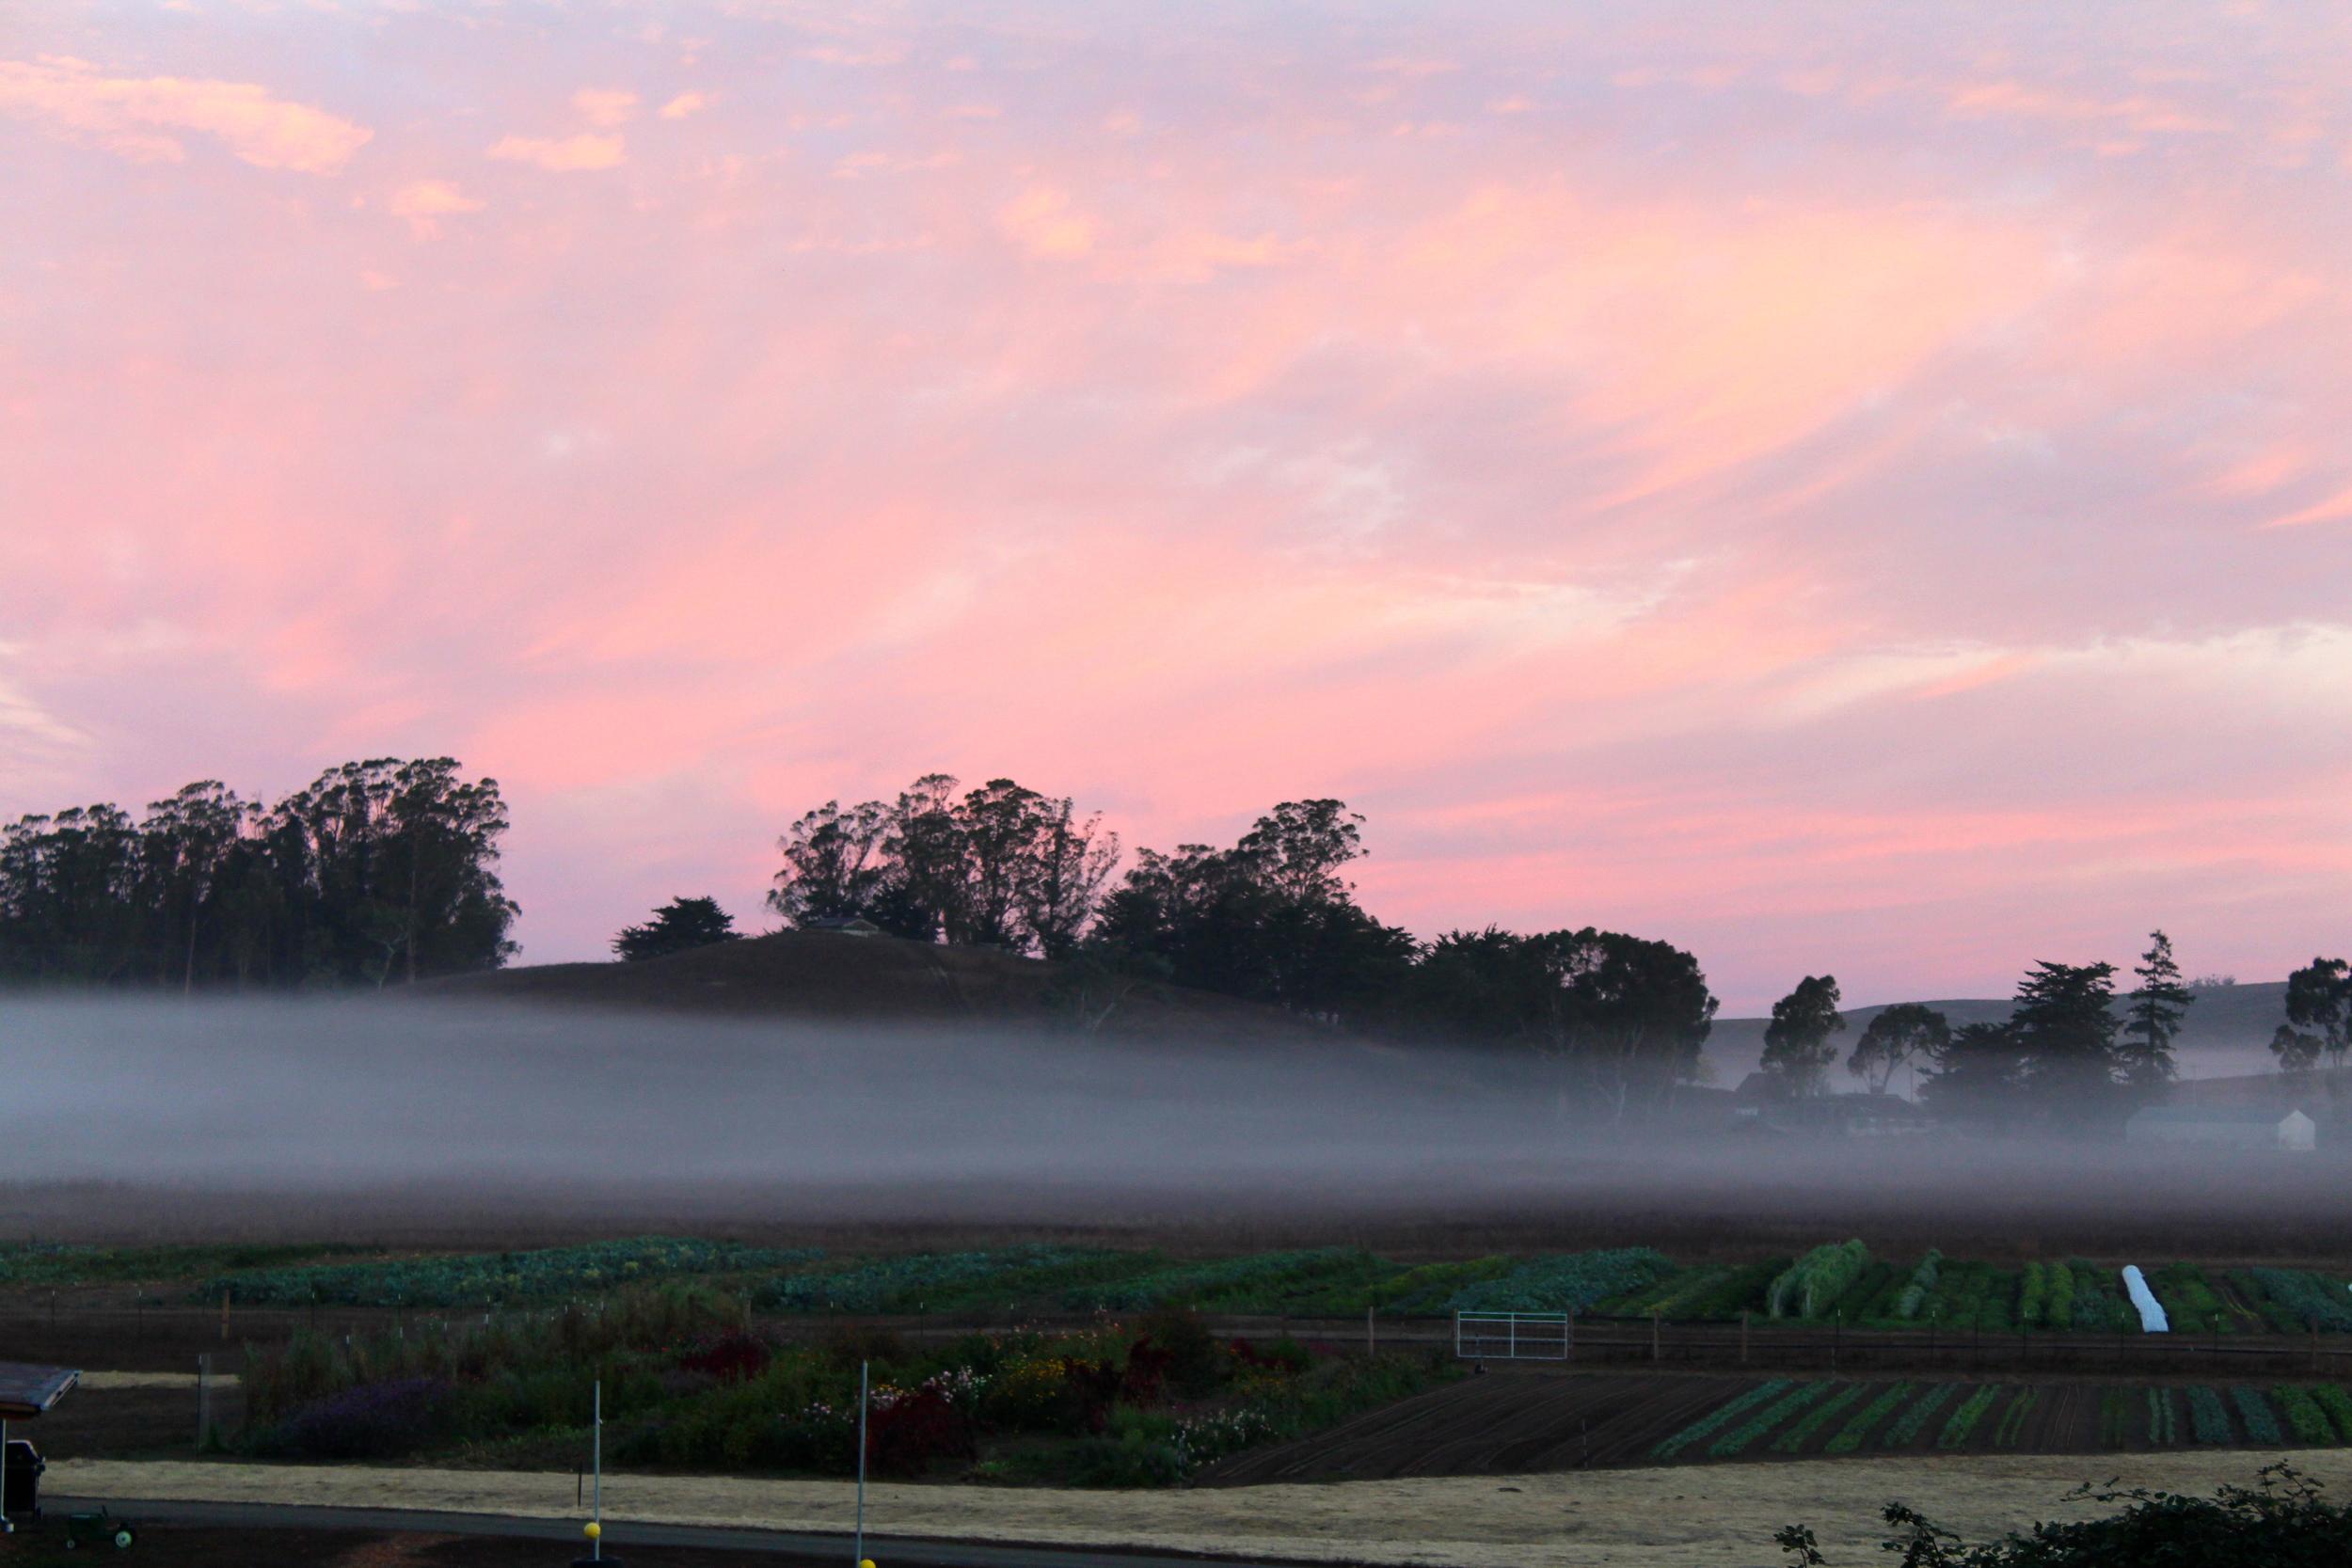 Sunrise with a fog